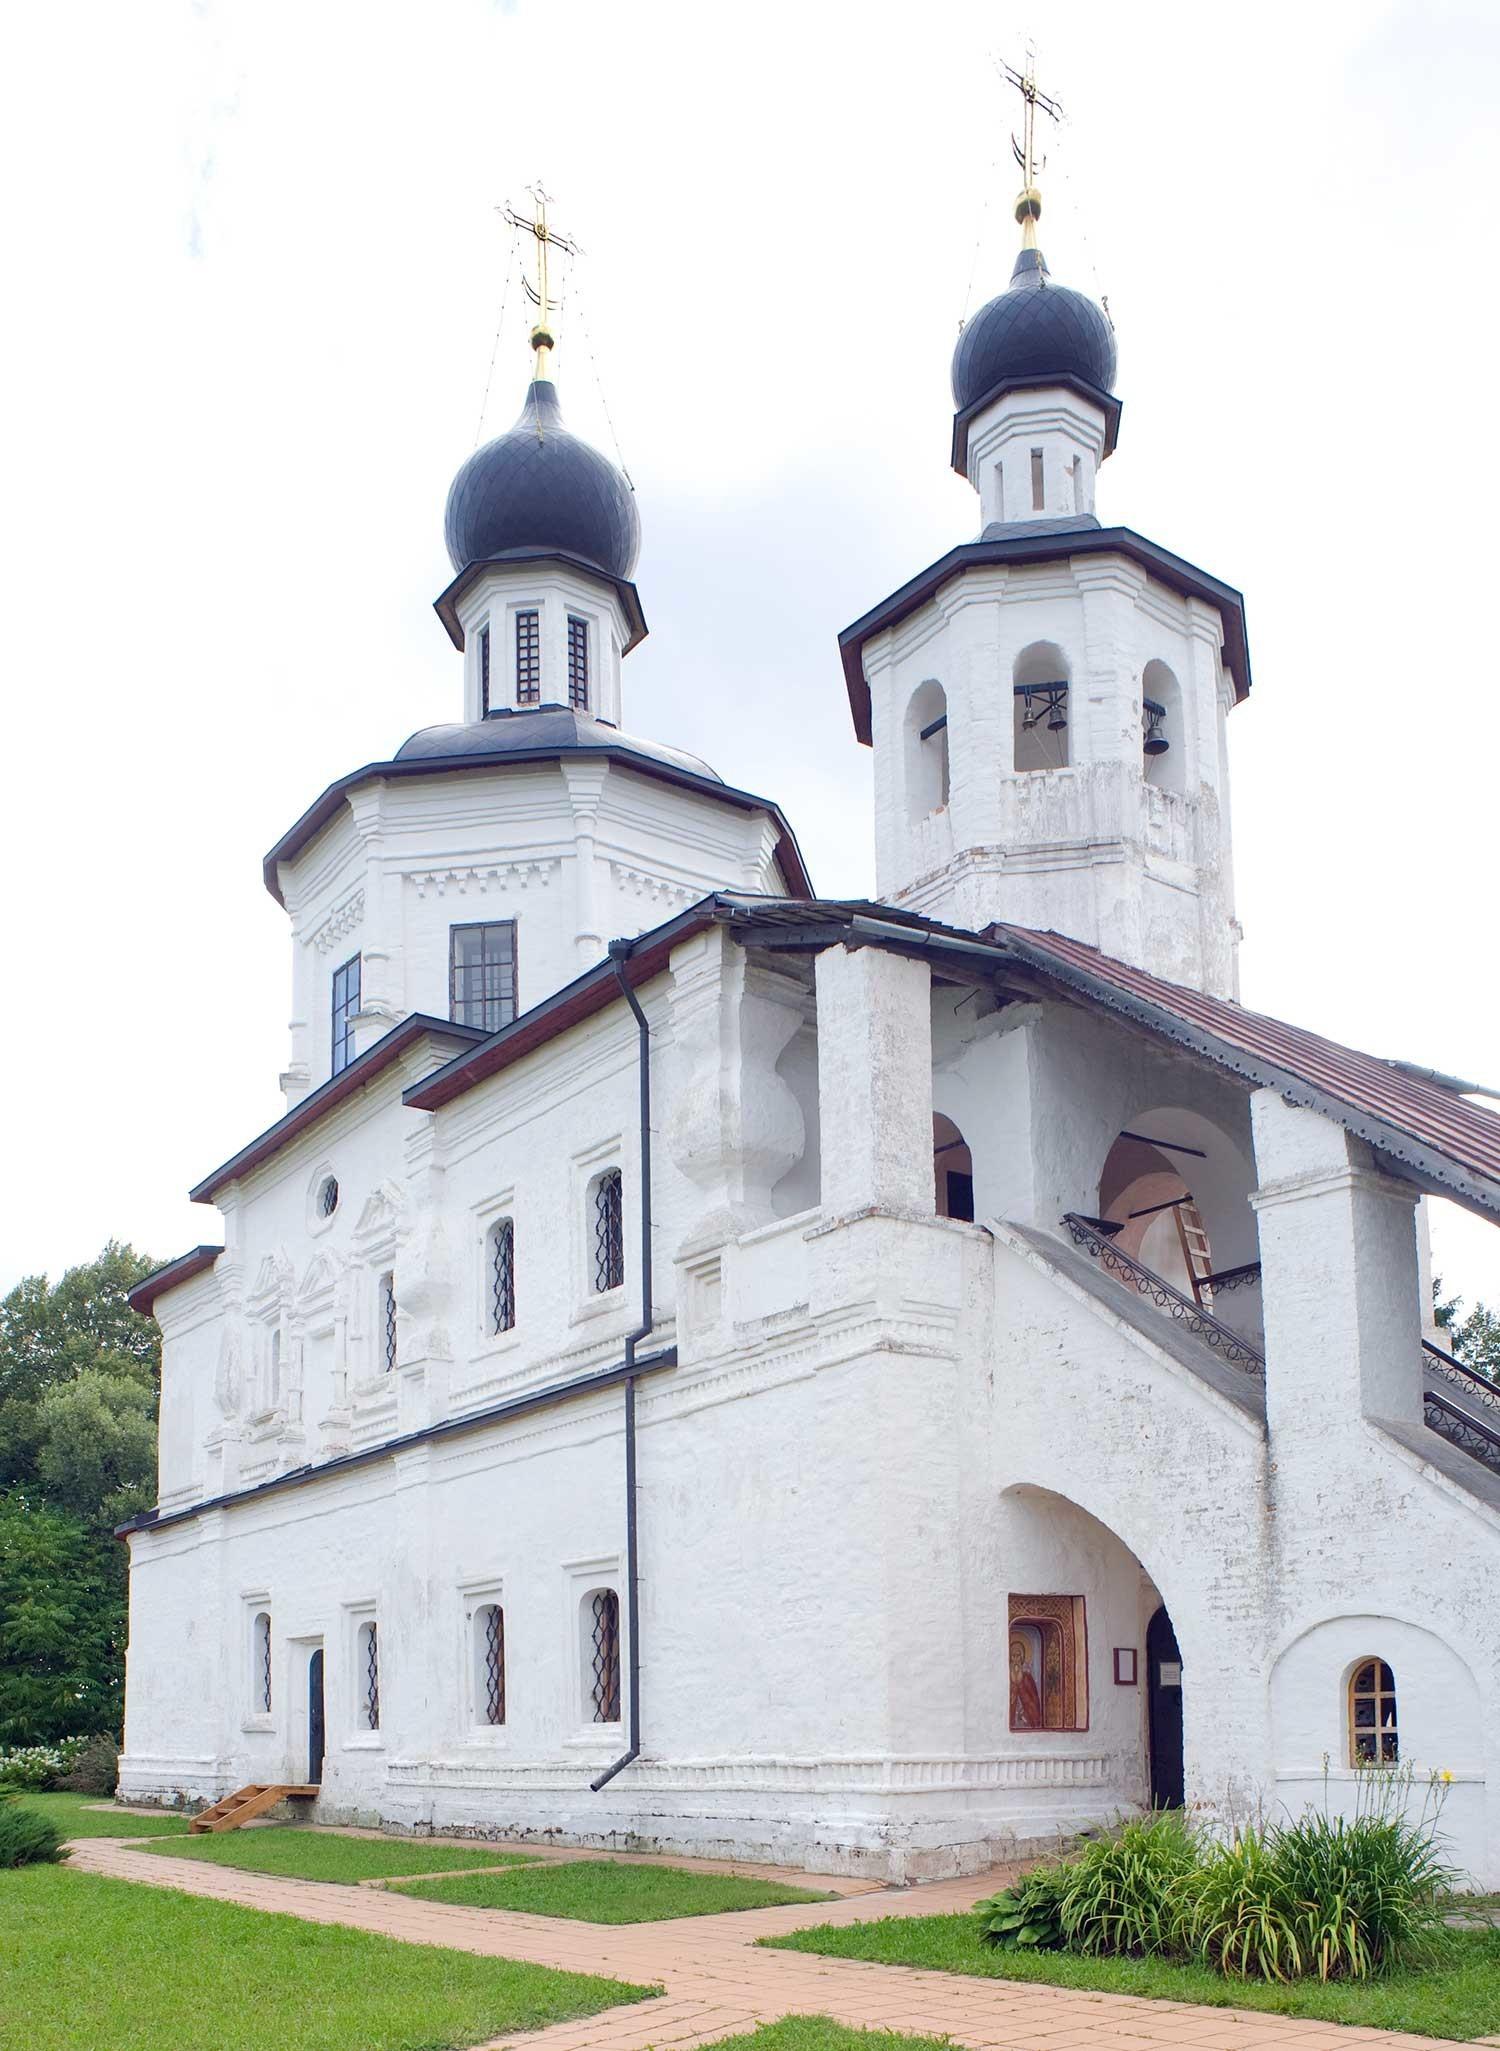 Iglesia del Icono de Nuestra Señora de Smolensk. Vista noroeste. 21 de agosto de 2012.